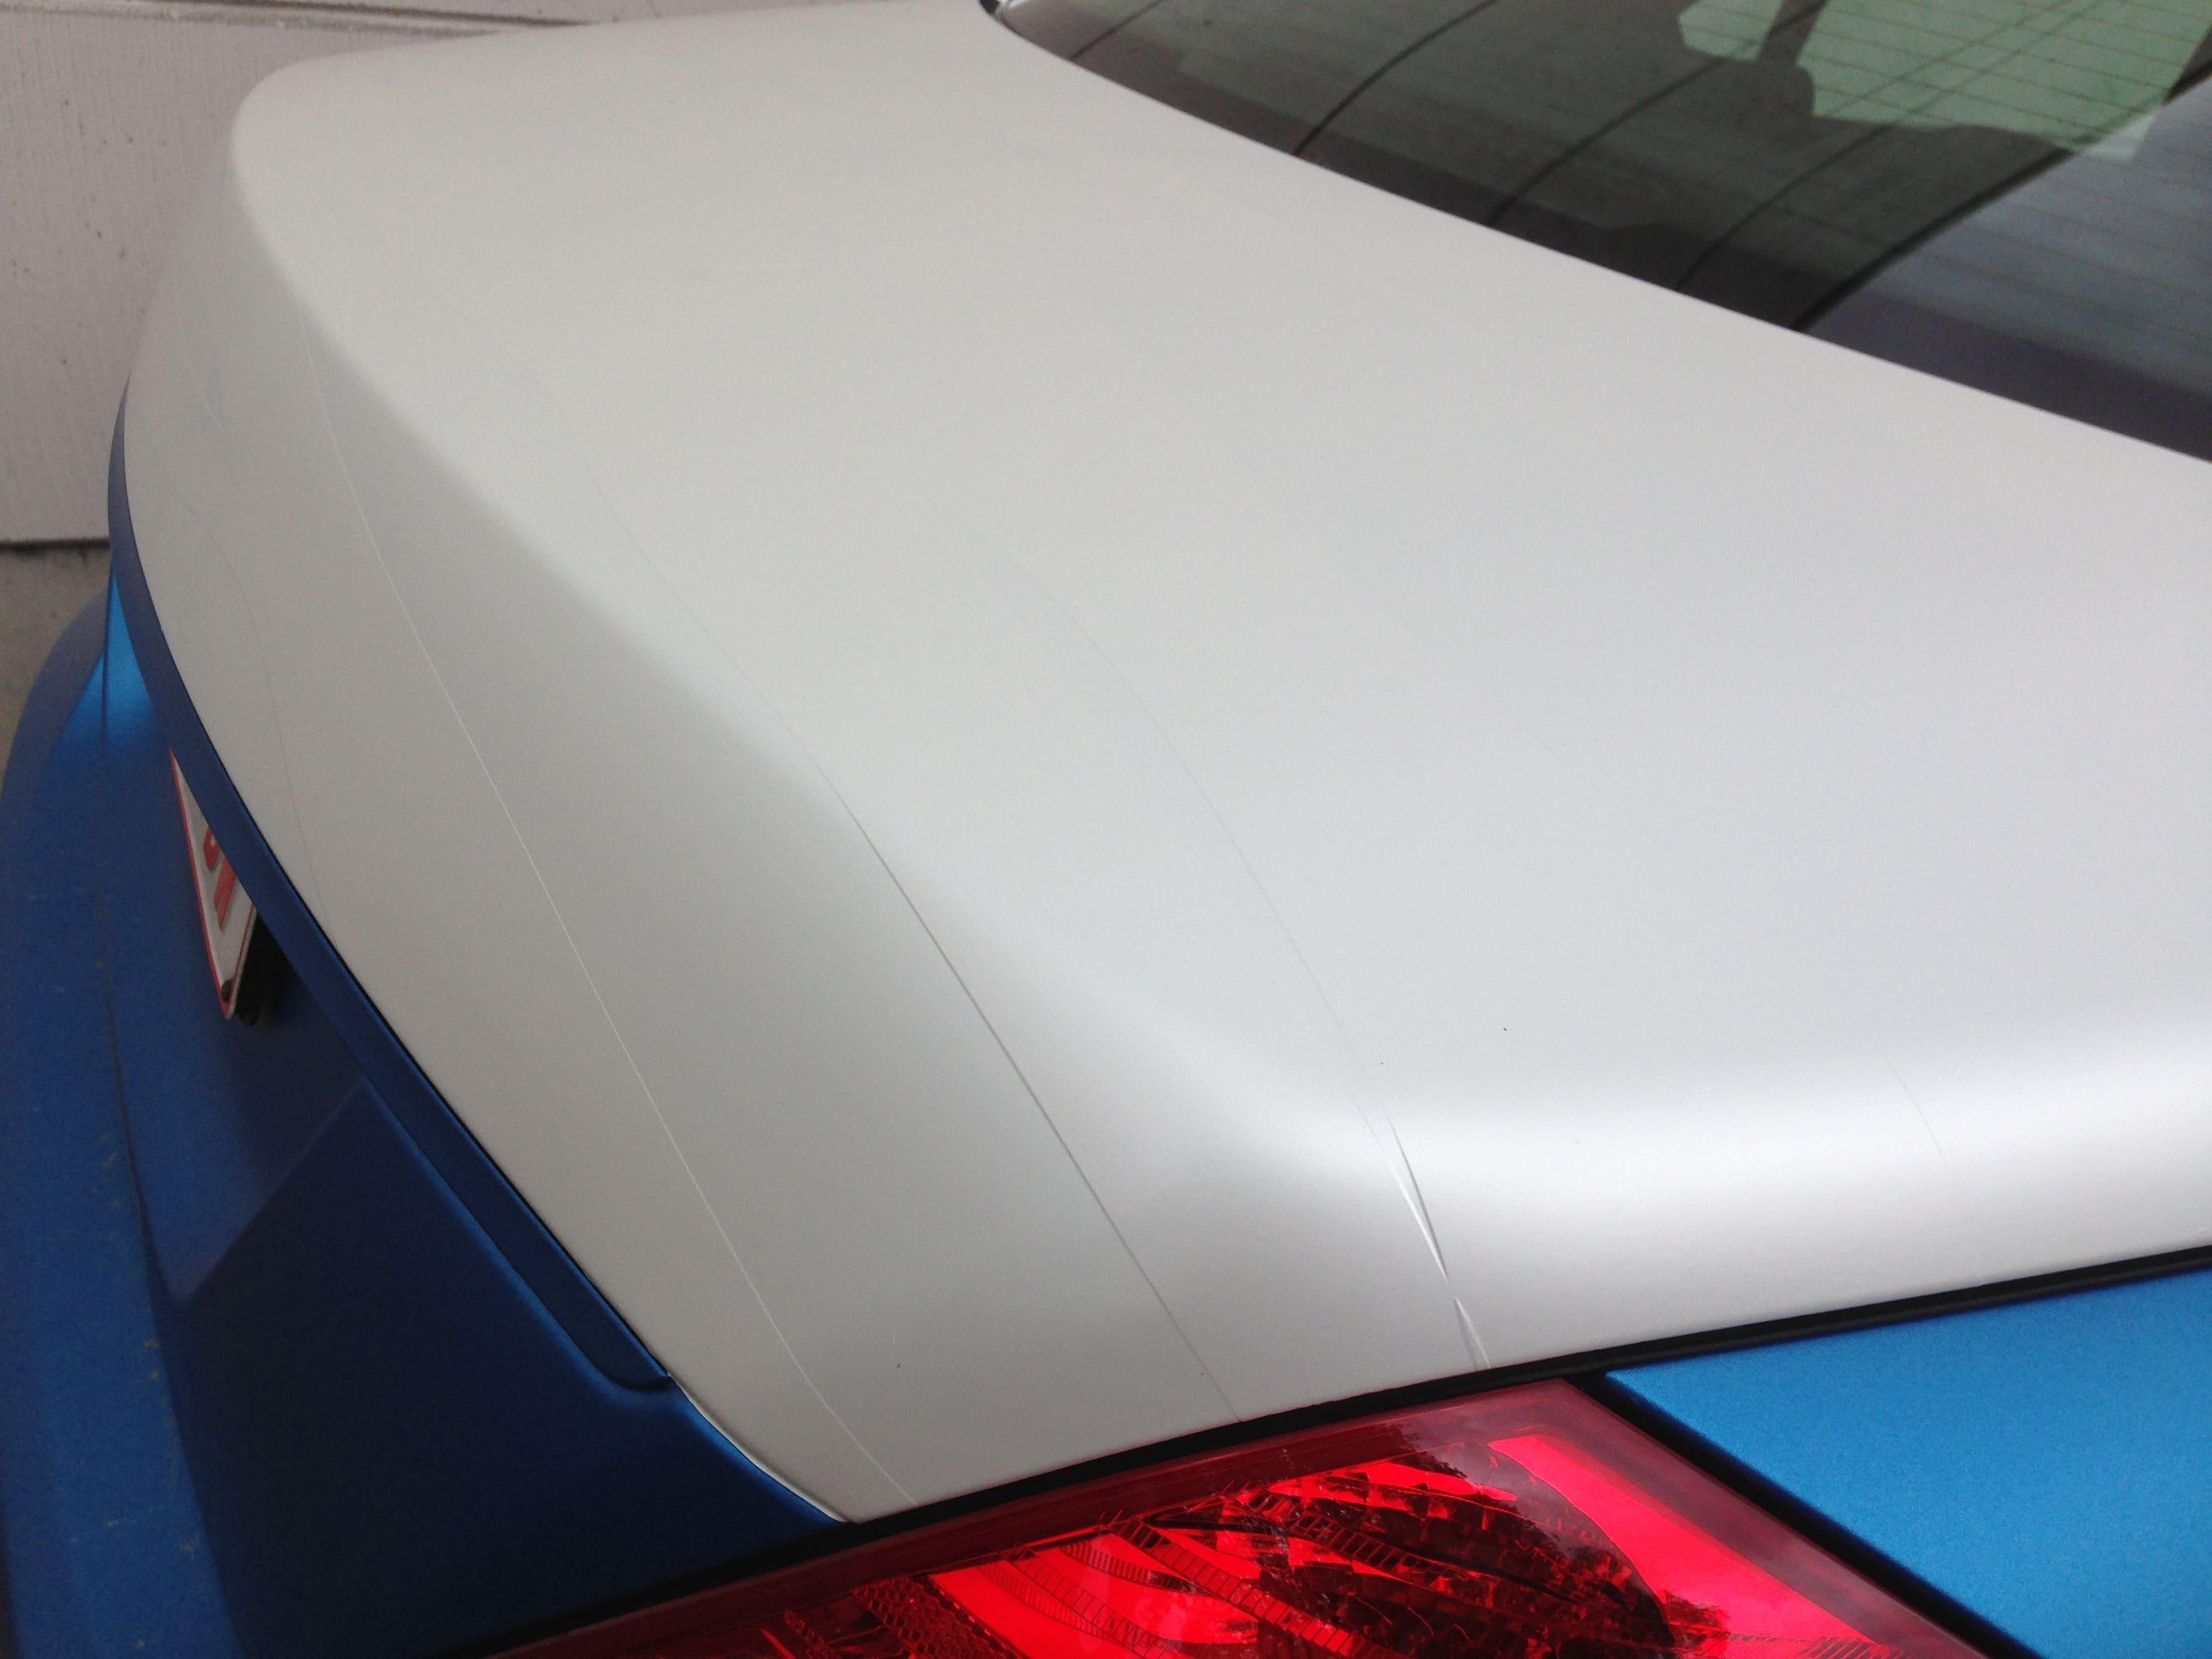 Mercedes S-Klasse AMG met Speciale Modball Wrap, Carwrapping door Wrapmyride.nu Foto-nr:6318, ©2021